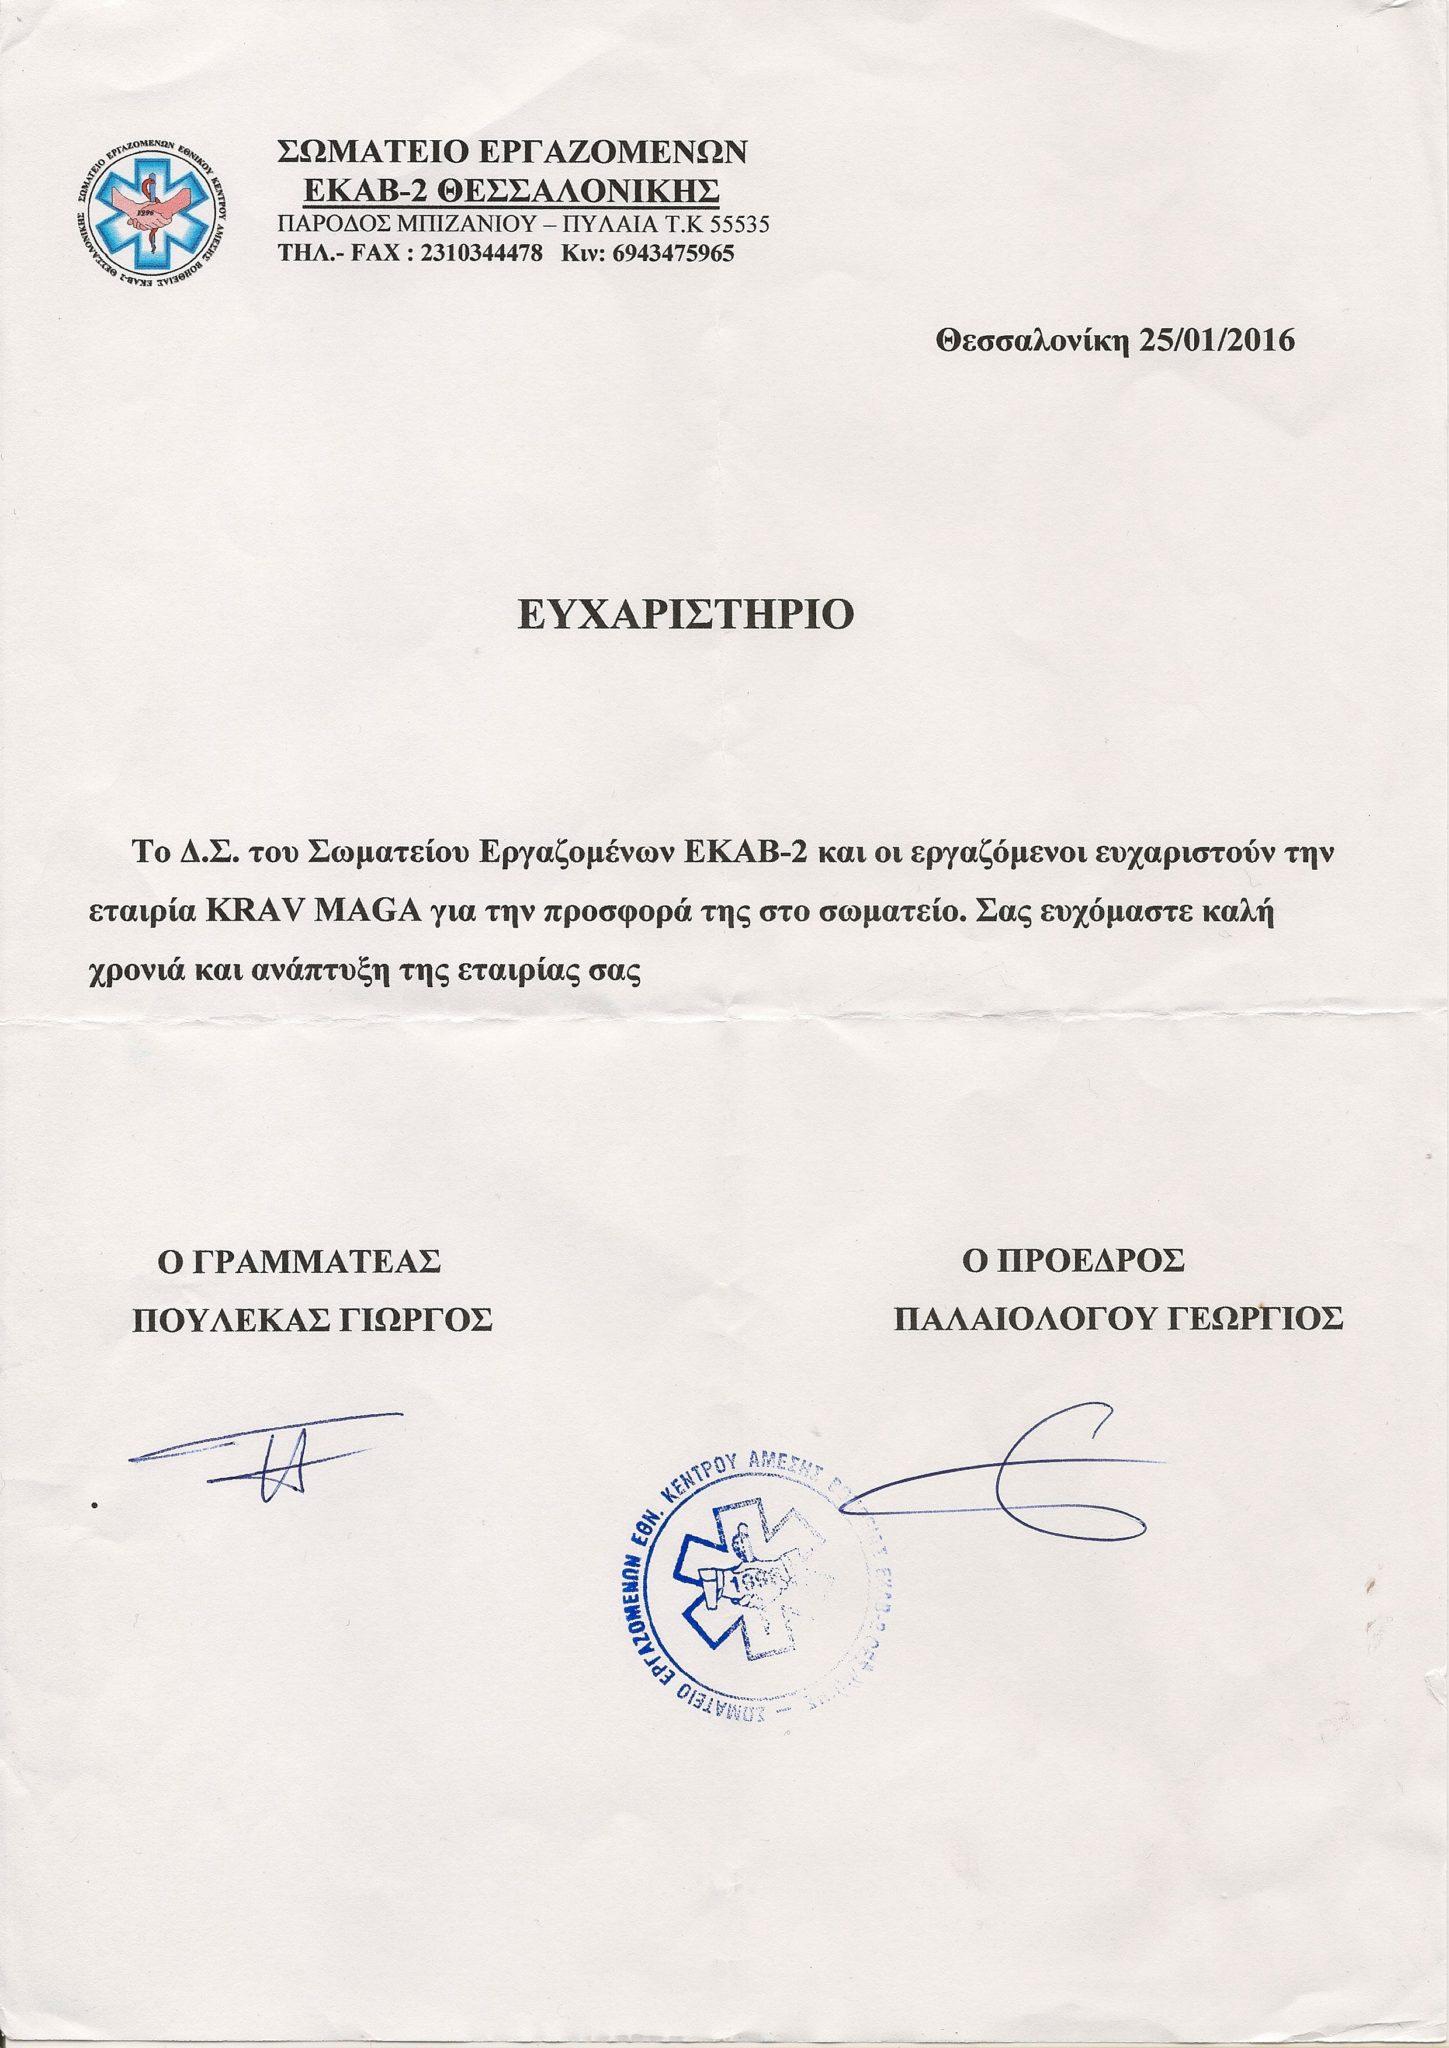 Ευχαριστήριο του ΕΚΑΒ Θεσσαλονίκης προς την KMP